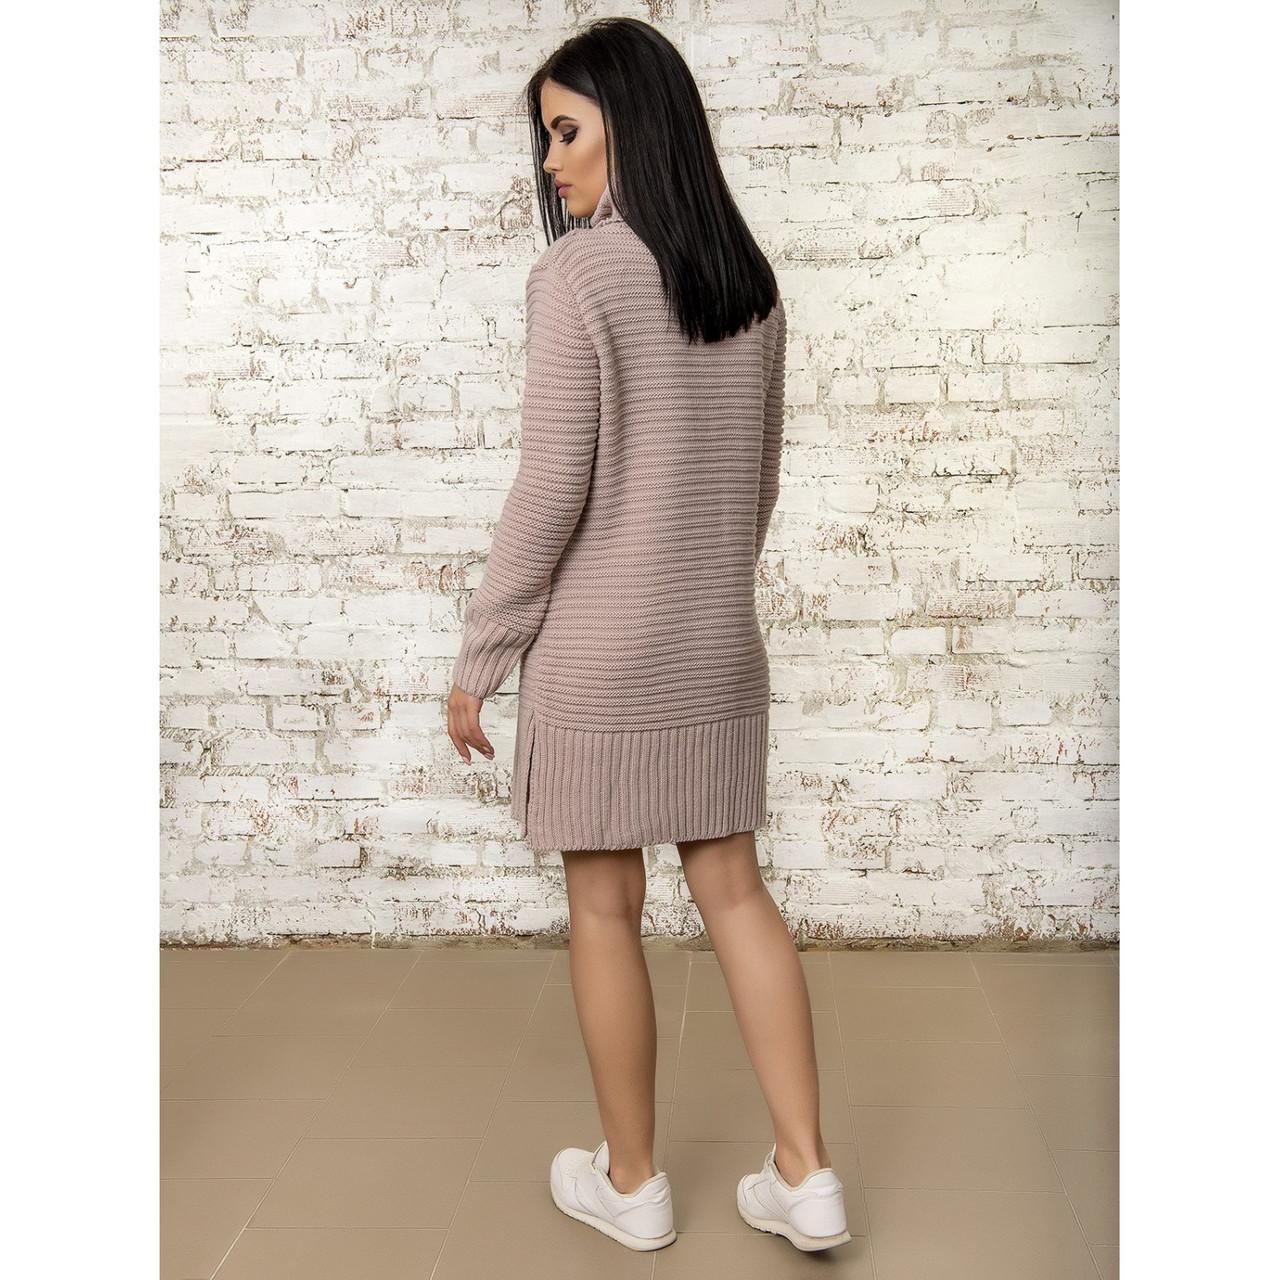 974c528c548 Вязаное теплое платье 46-48 размер 5цветов